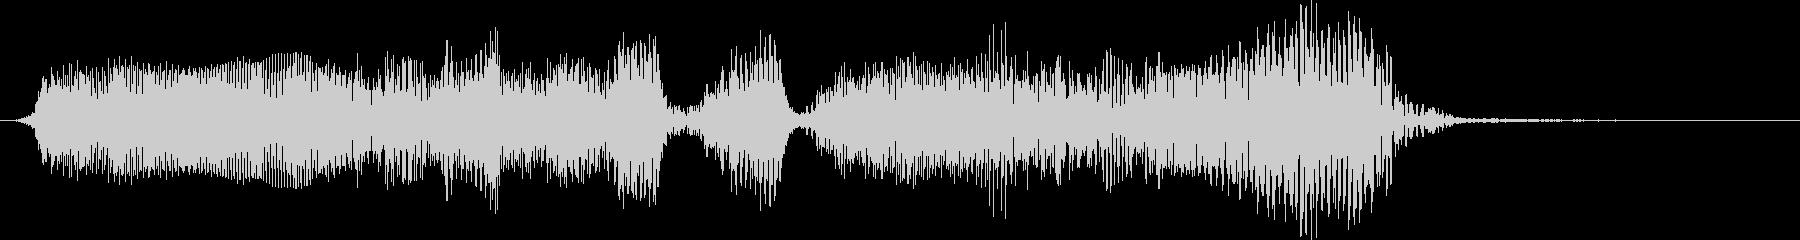 エレクトリックギター:ヘビーベース...の未再生の波形